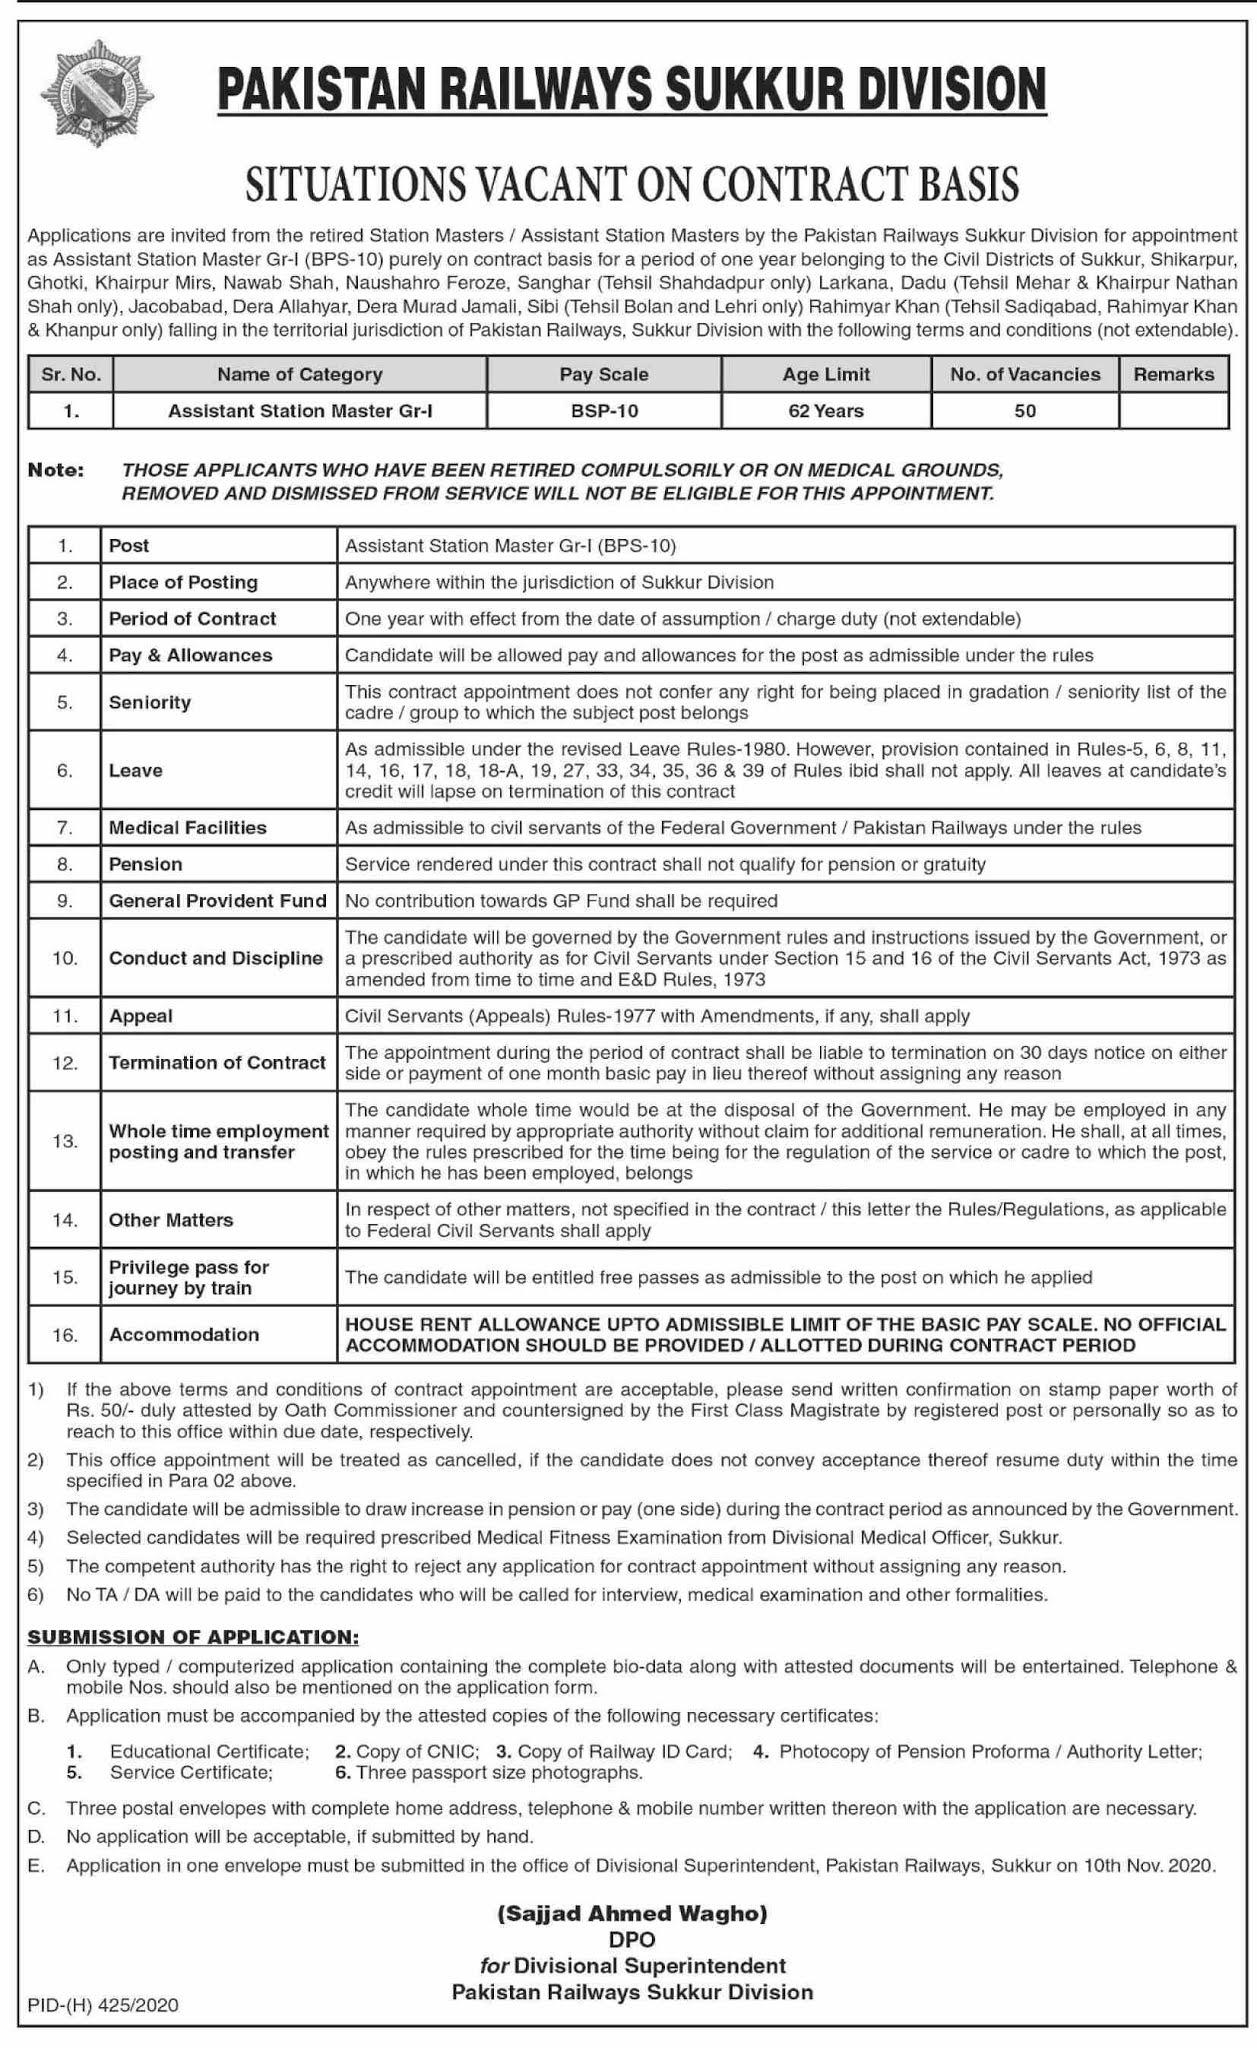 Pakistan Railways Sukkur Division Latest Jobs